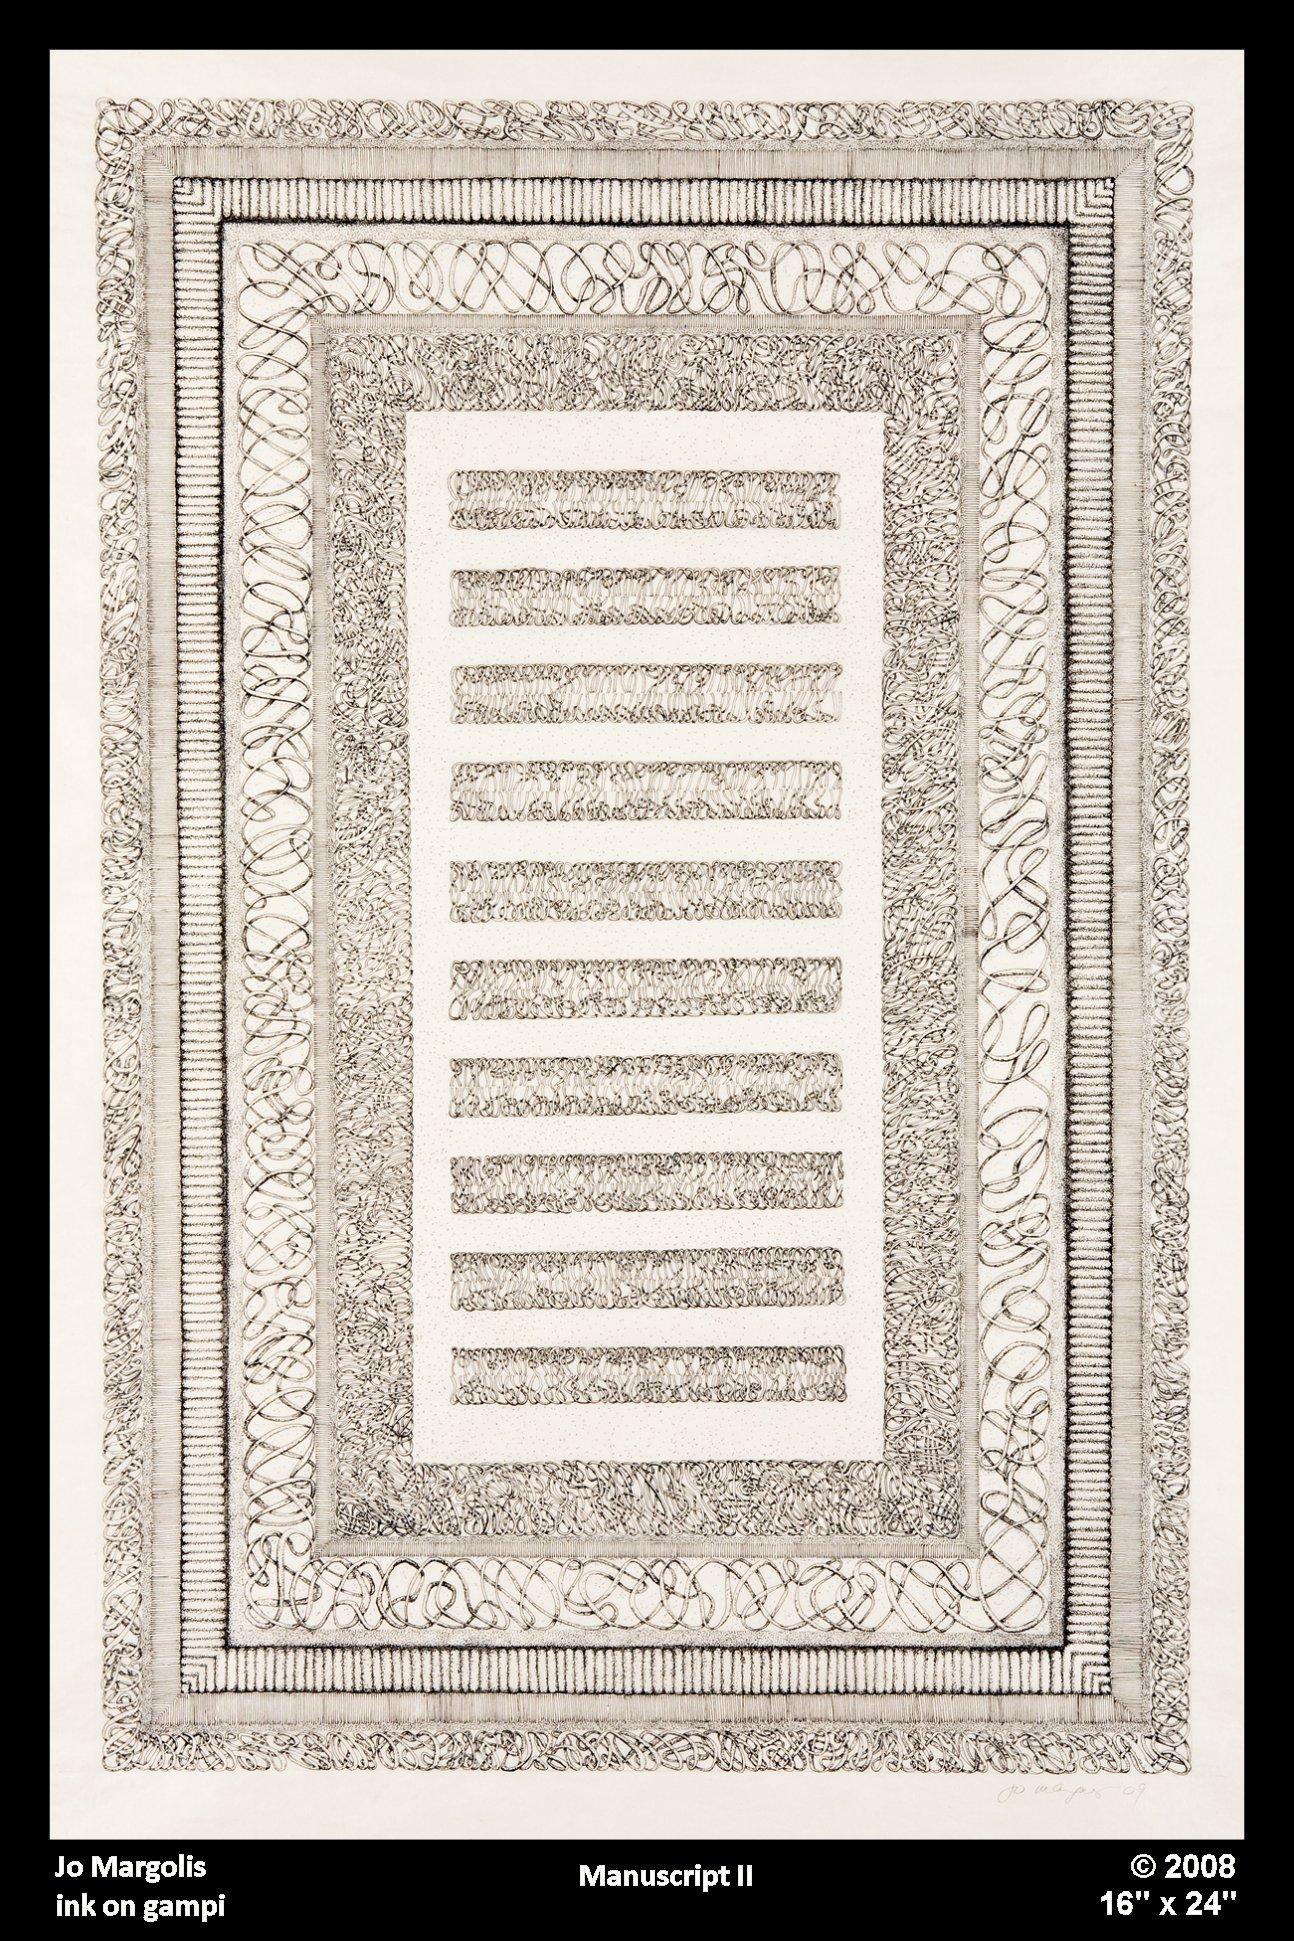 Manuscript II